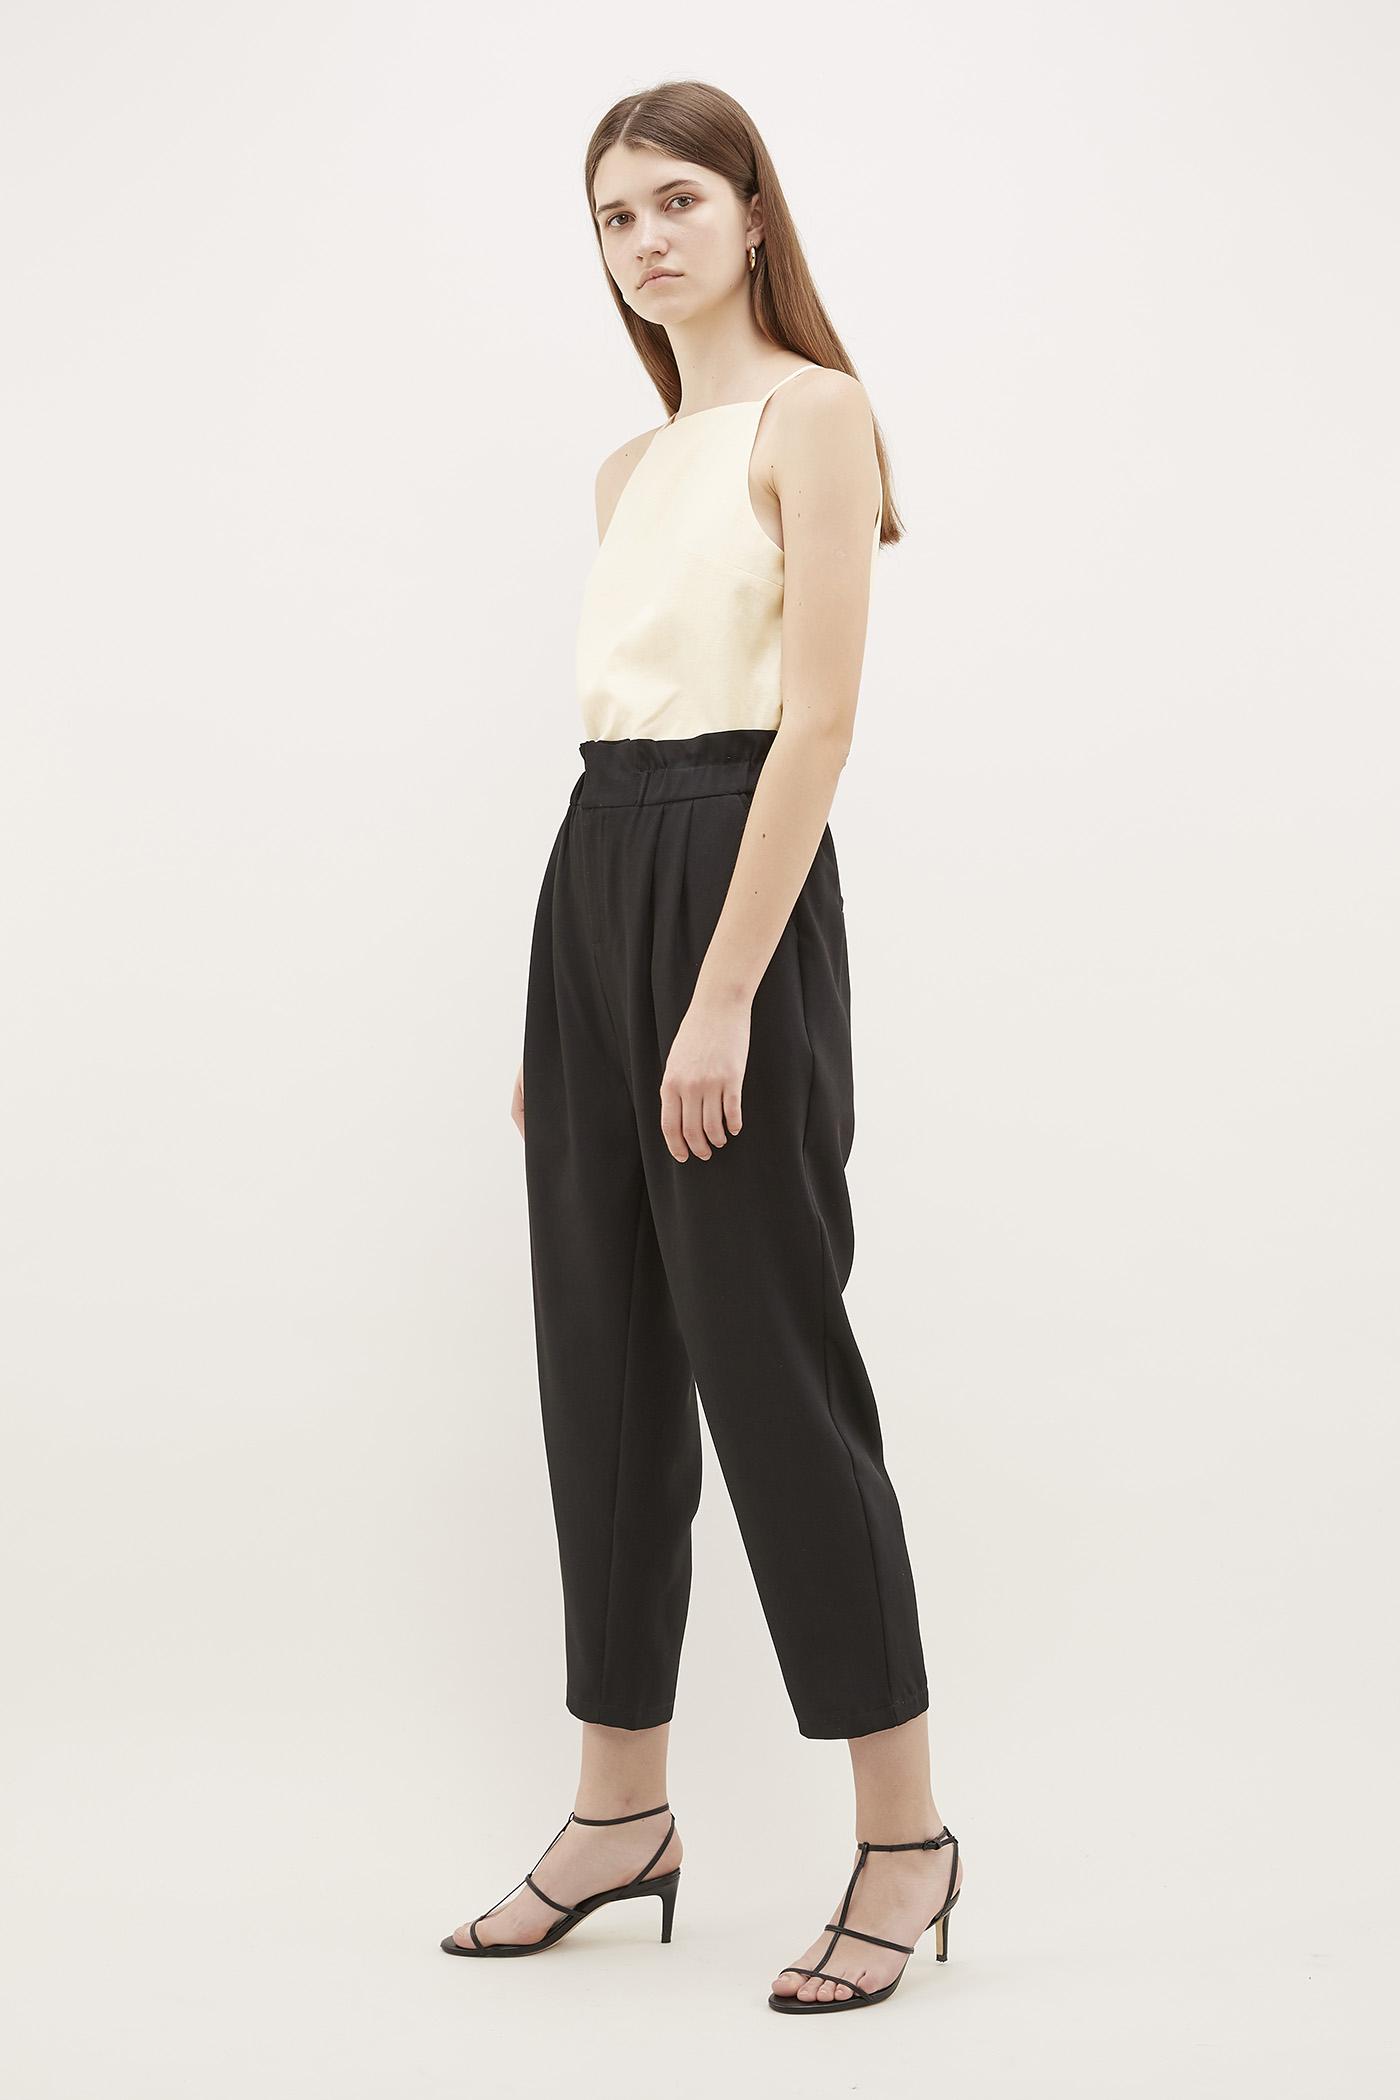 Kensie Gathered-Waist Pants